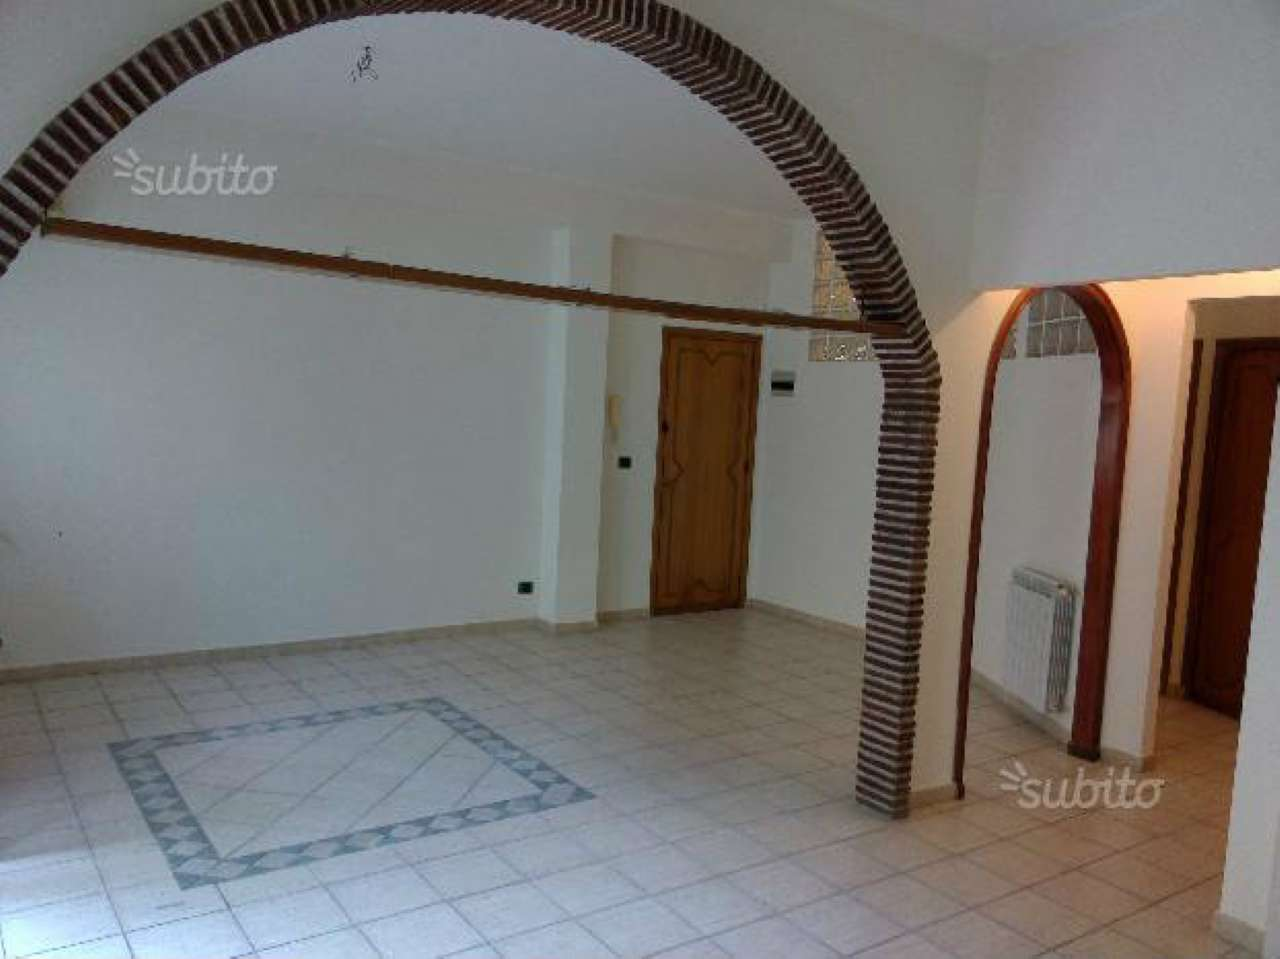 Appartamento in vendita a San Giovanni la Punta, 9999 locali, prezzo € 165.000 | Cambio Casa.it